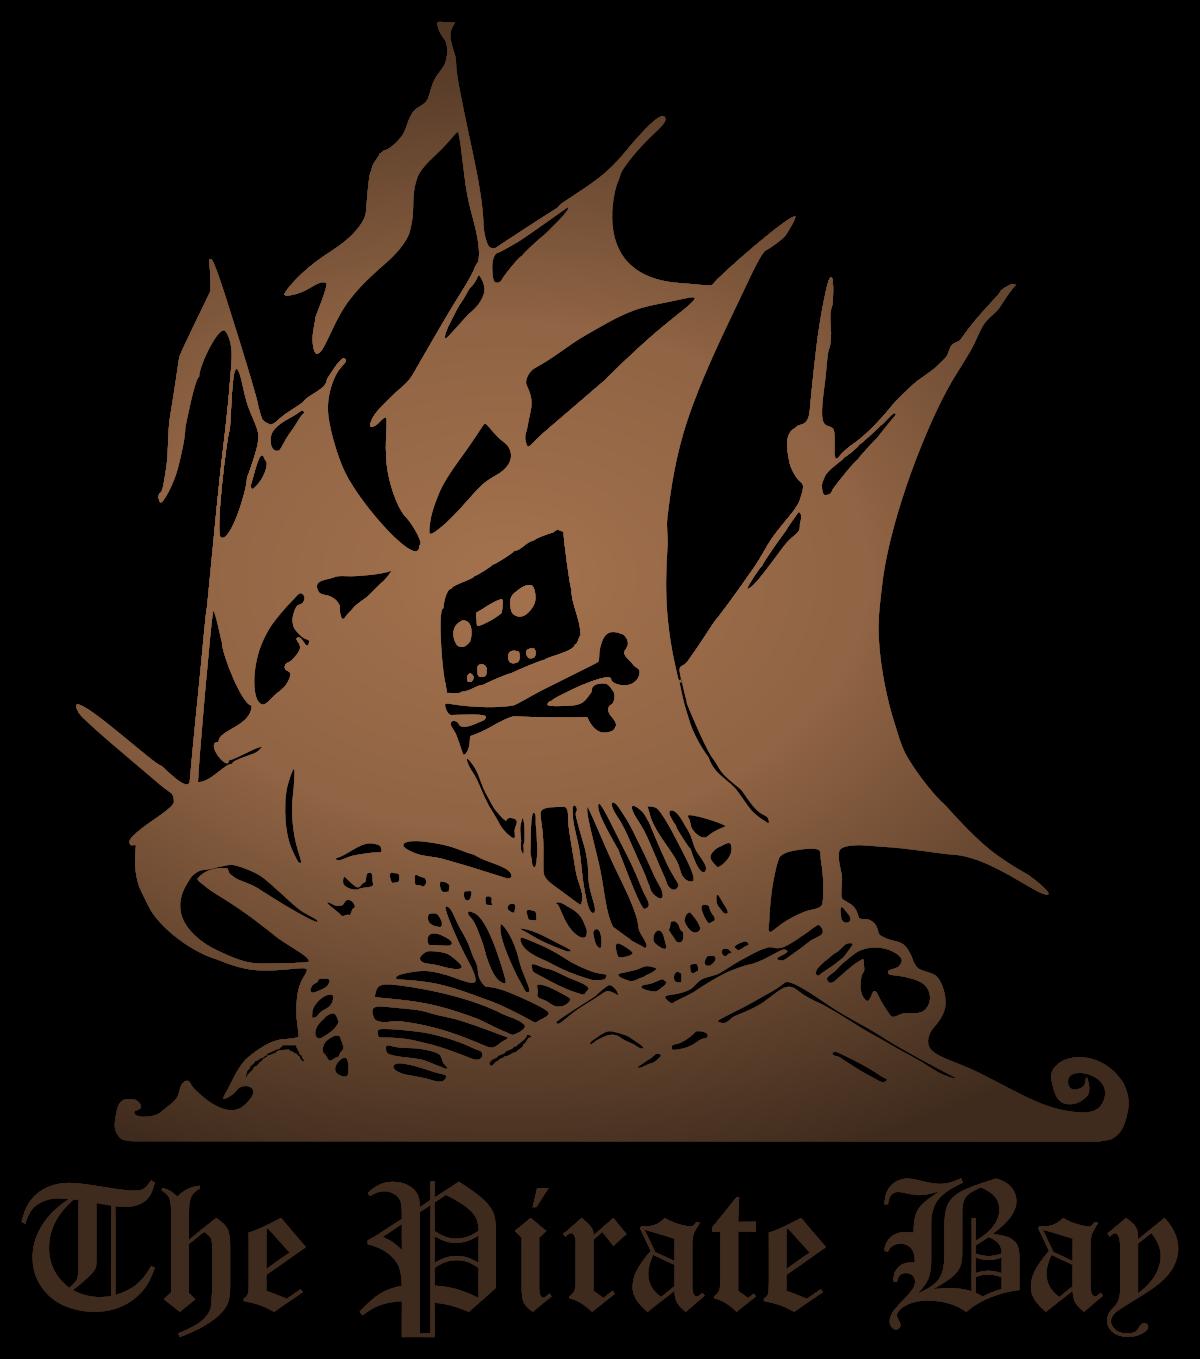 海盗湾再次出现加载脚本利用访客设备进行挖矿